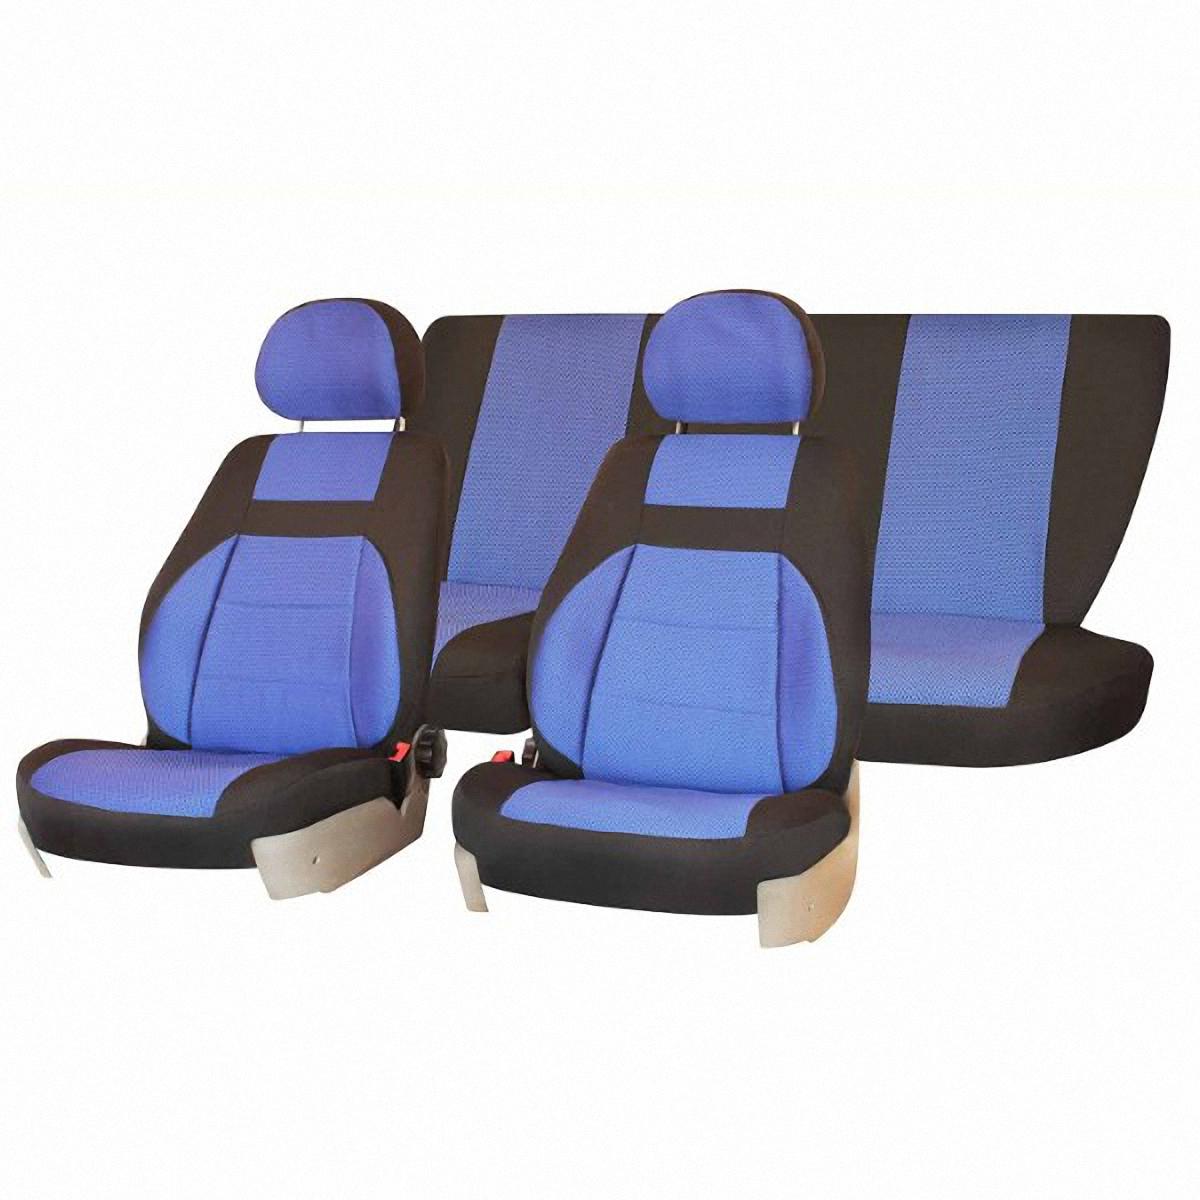 Чехлы автомобильные Skyway, для Lada Kalina 2004-2013, цвет: синий, черныйSC-FD421005Автомобильные чехлы Skyway изготовлены из качественного жаккарда. Чехлы идеально повторяют штатную форму сидений и выглядят как оригинальная обивка сидений. Разработаны индивидуально для каждой модели автомобиля. Авточехлы Skyway просты в уходе - загрязнения легко удаляются влажной тканью. Чехлы имеют раздельную схему надевания. В комплекте 12 предметов.